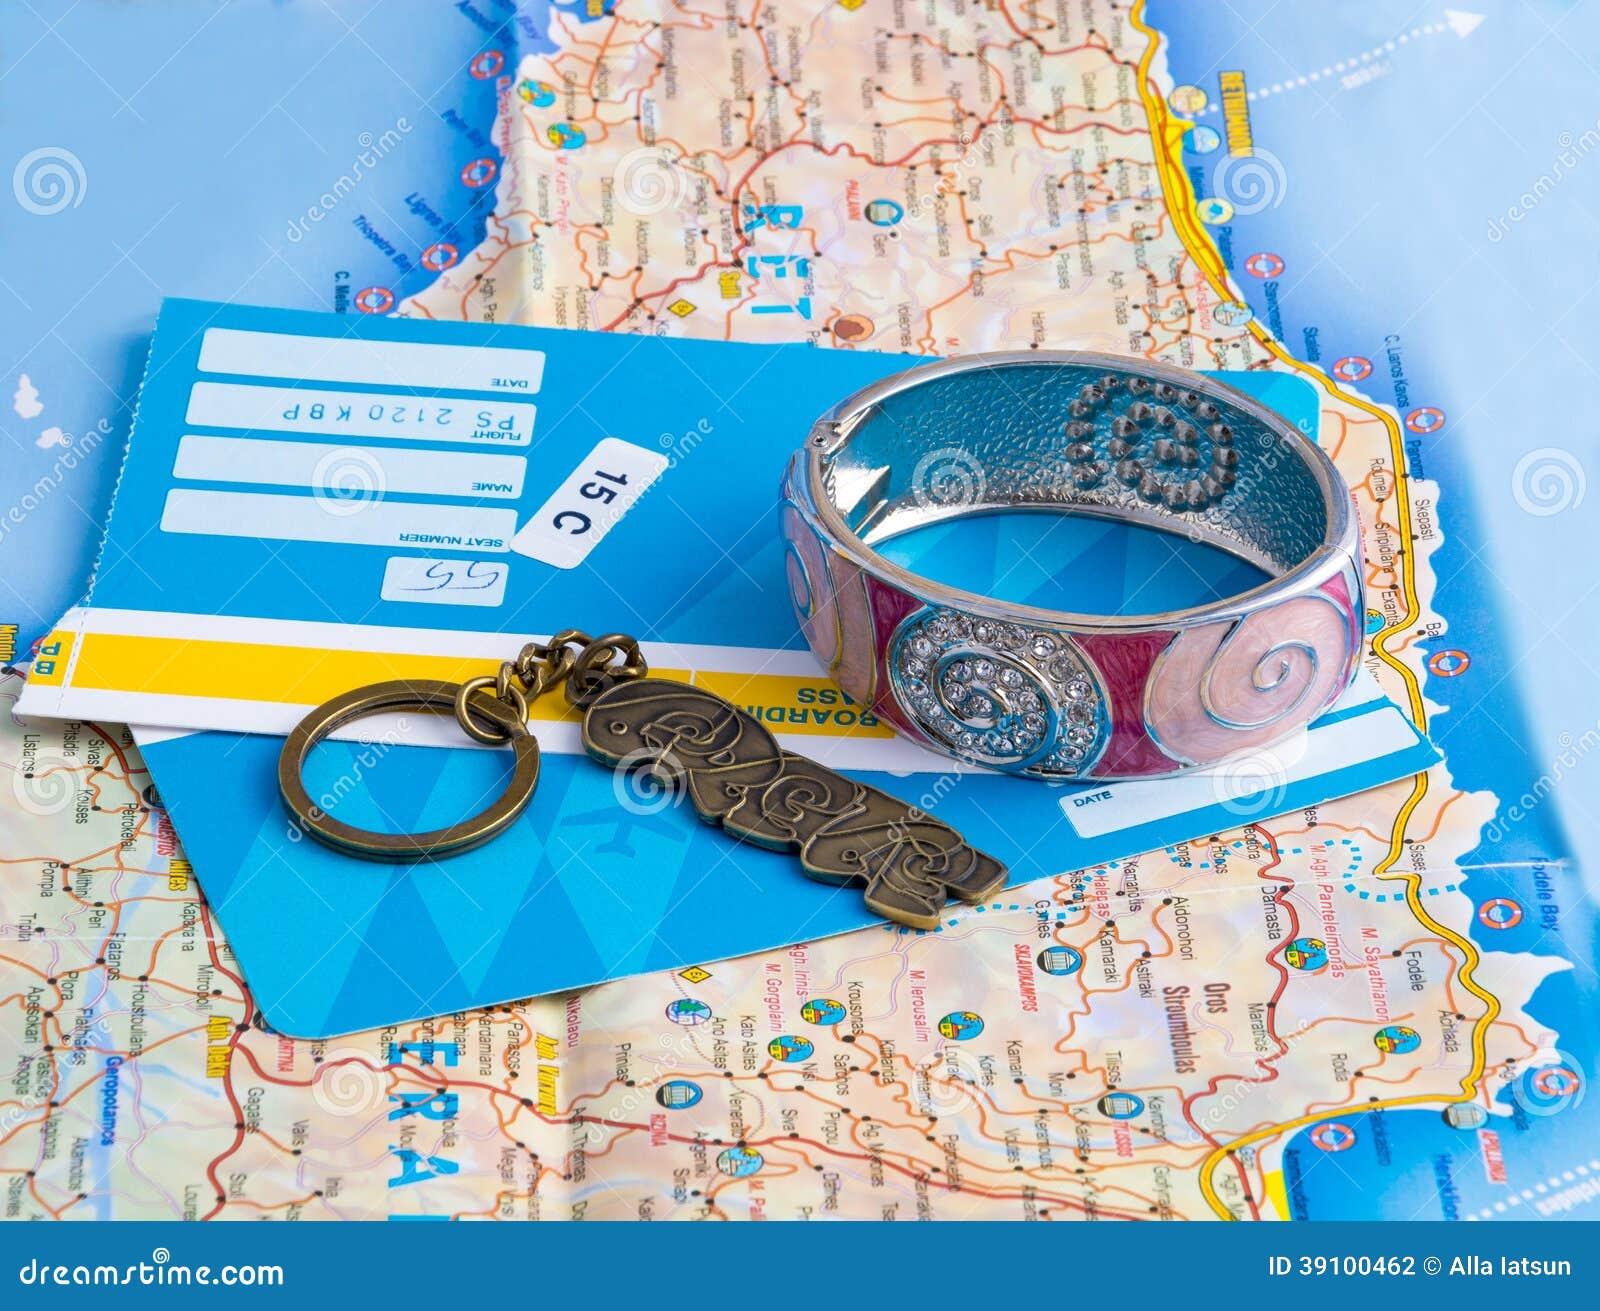 Een armband, keychain en kaartjes op de kaart.